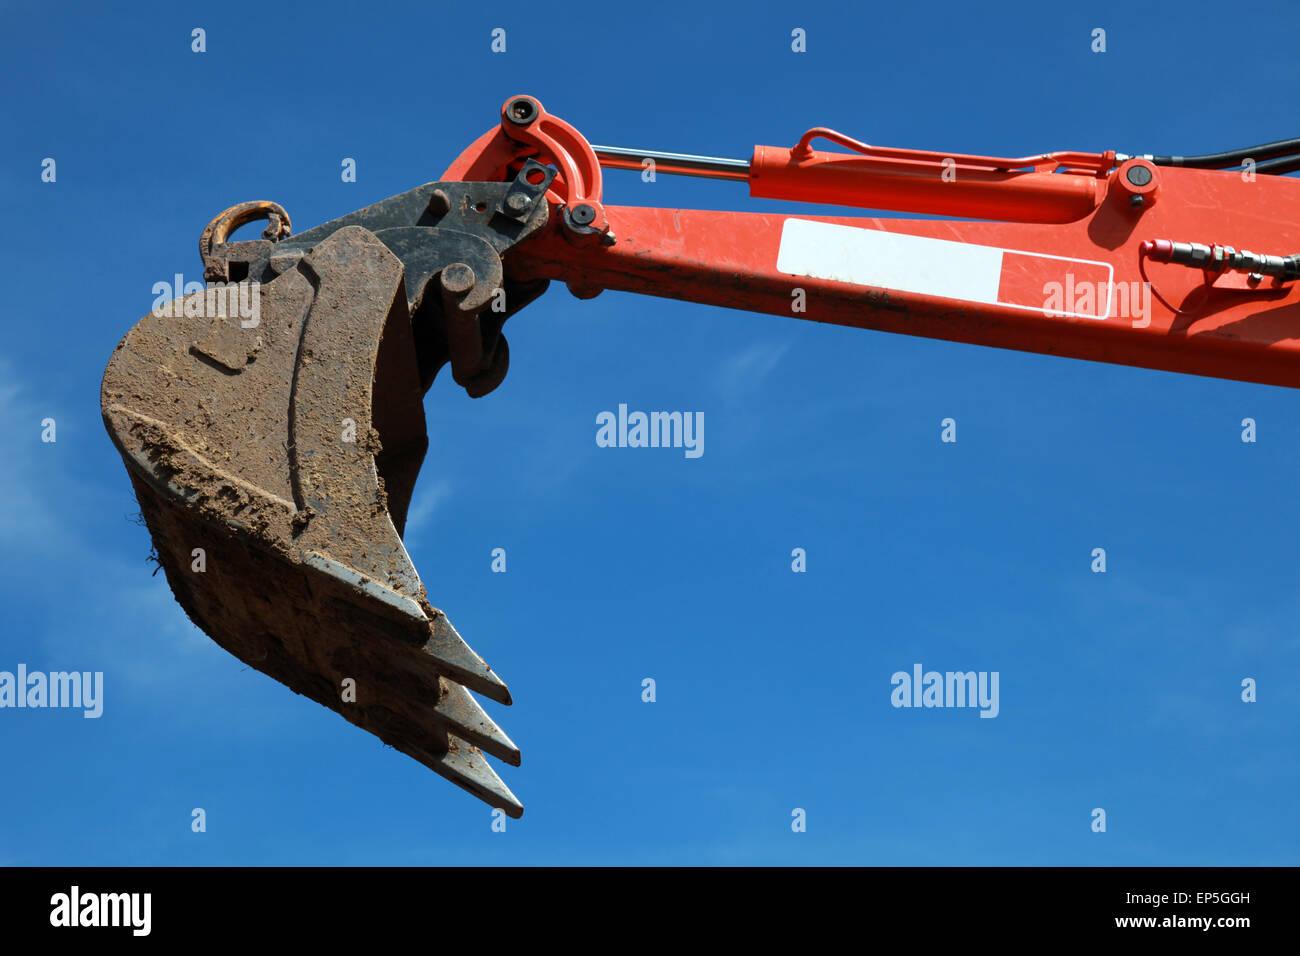 Baggerschaufel - Stock Image